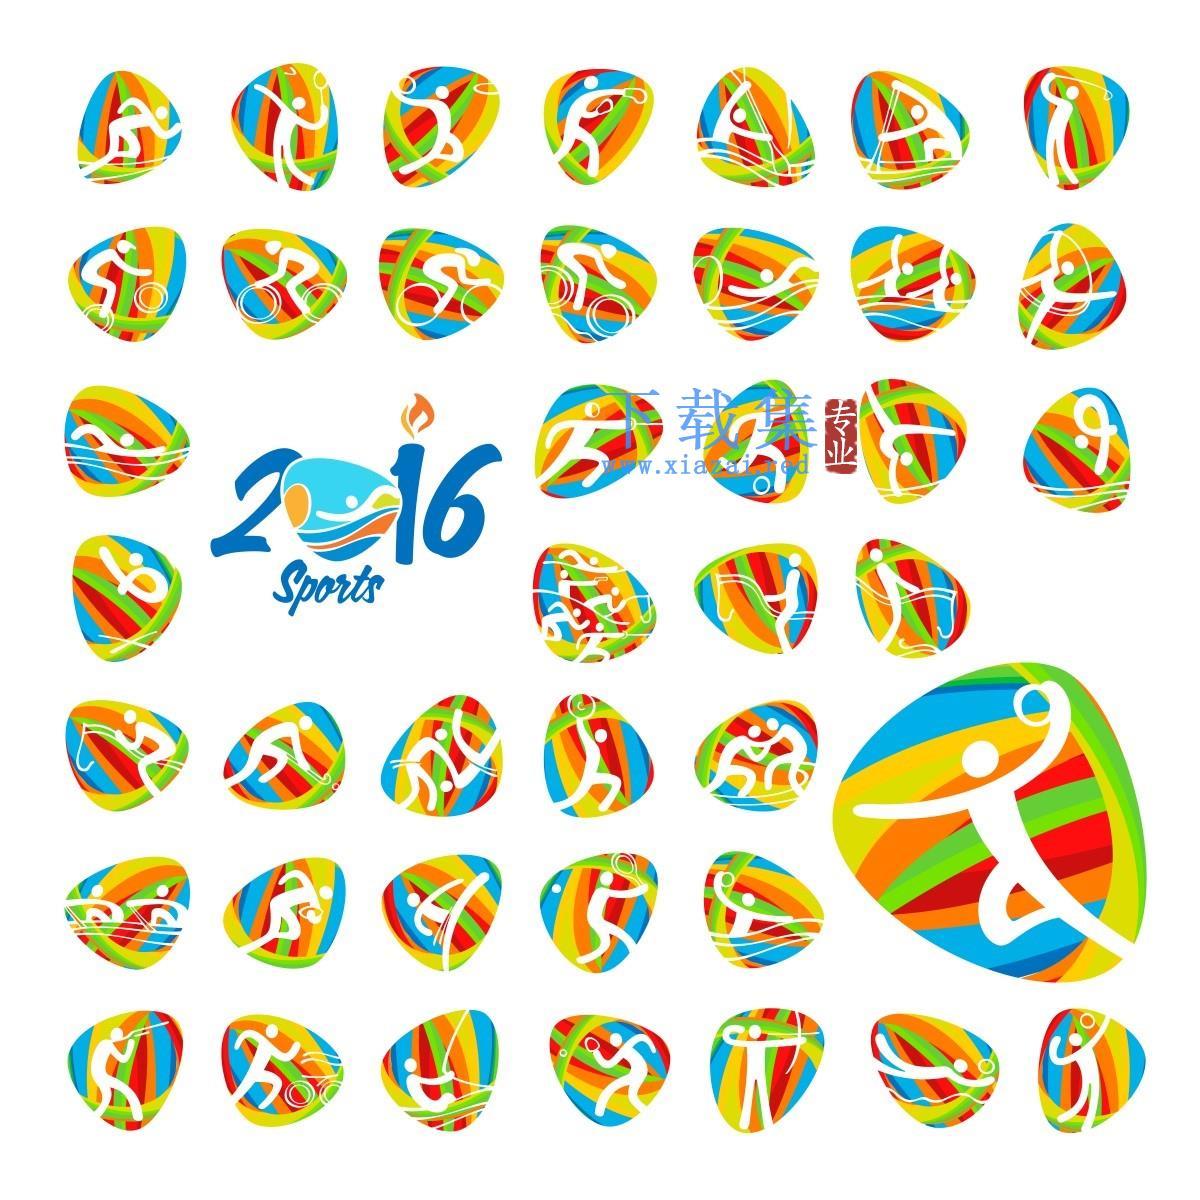 2016年奥运会夏季体育AI矢量图标集  第1张